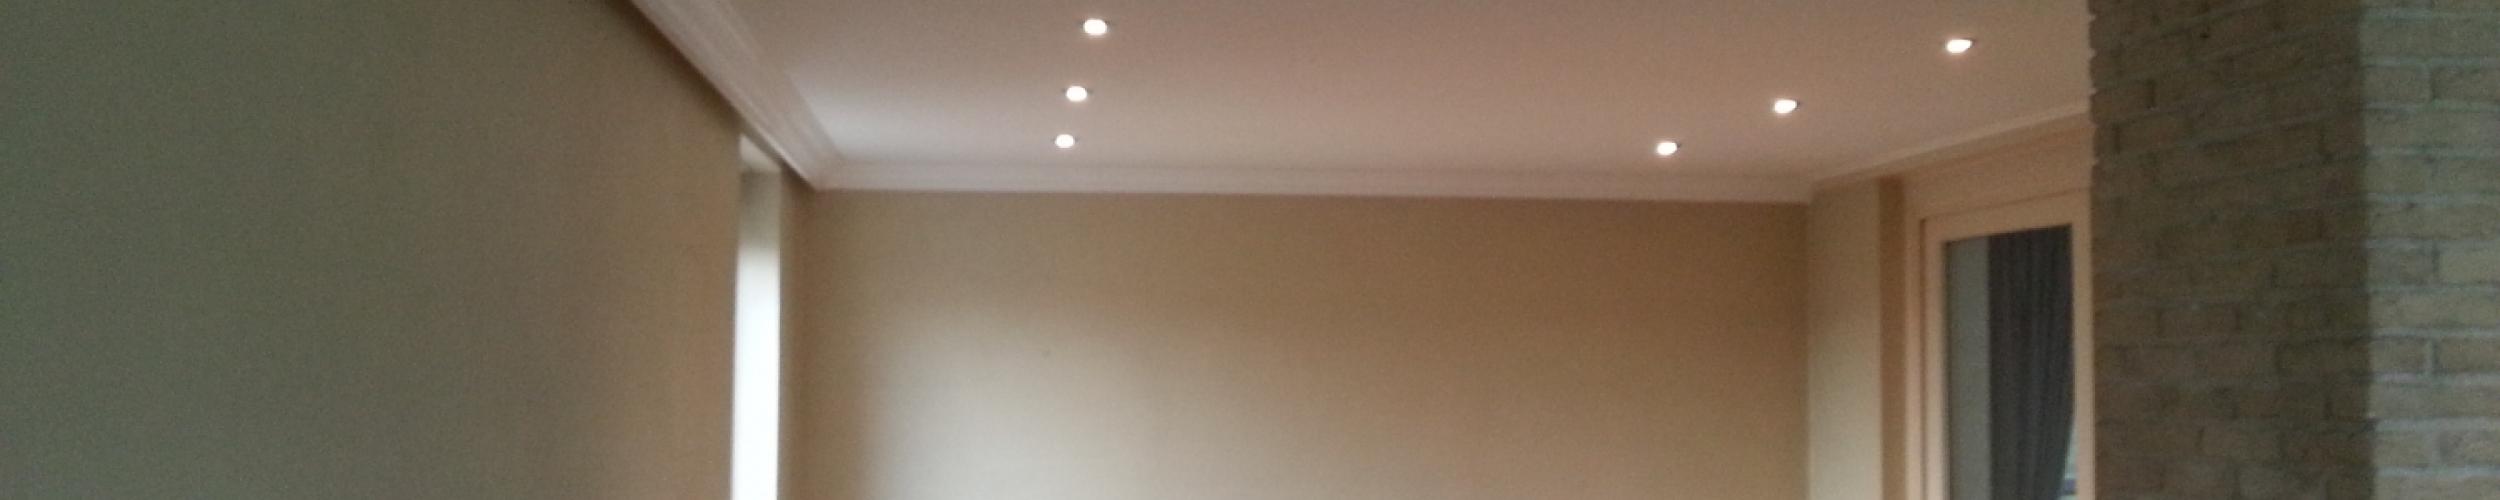 woonkamer spanplafond realisatie plafotex LED inbouwspots sierlijst